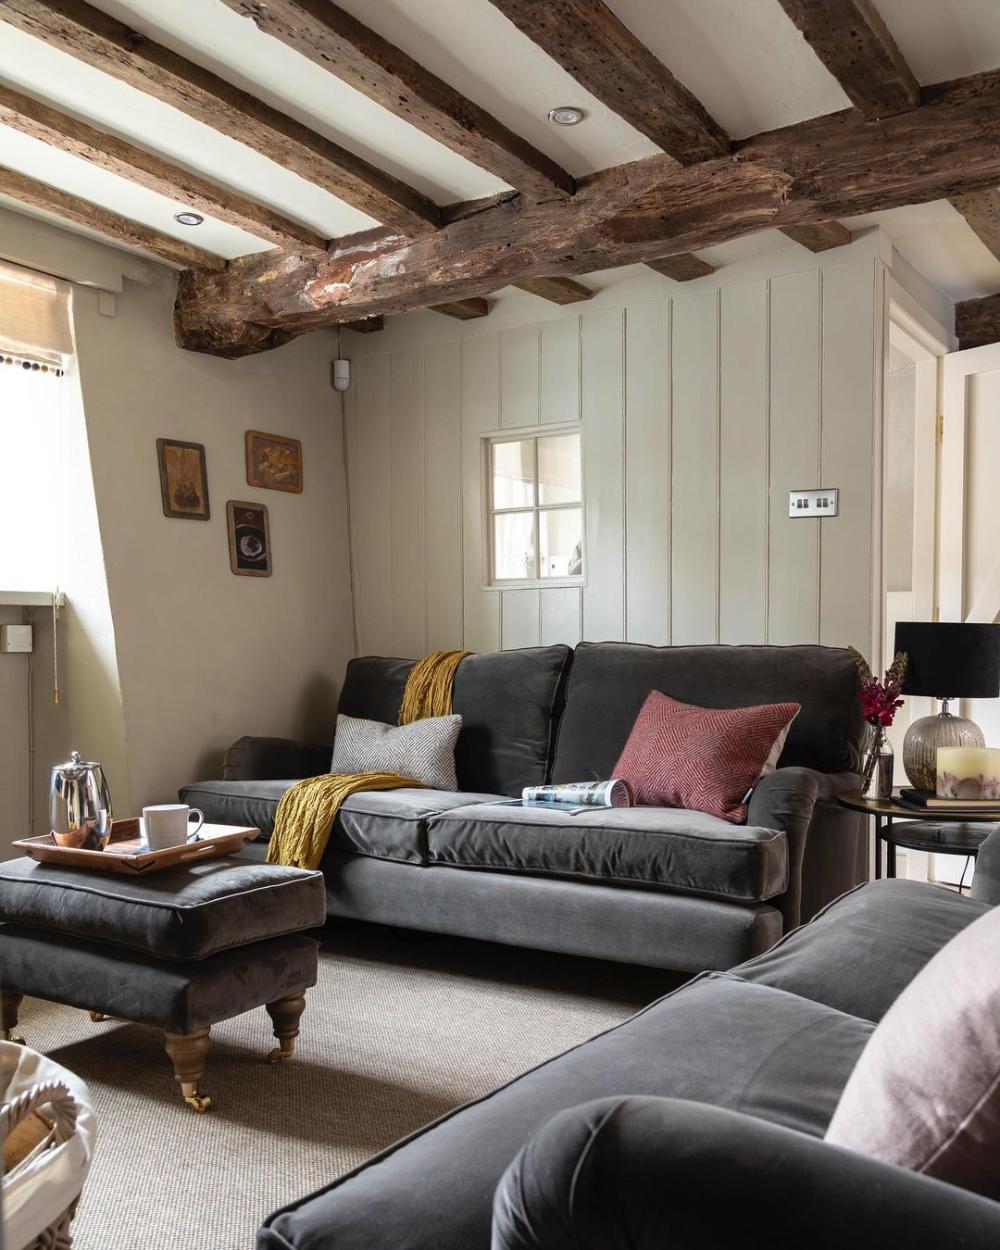 2021 Interior Trends Cottagecore Inspiration Corner Sofa Com In 2021 Visionen Vision Board